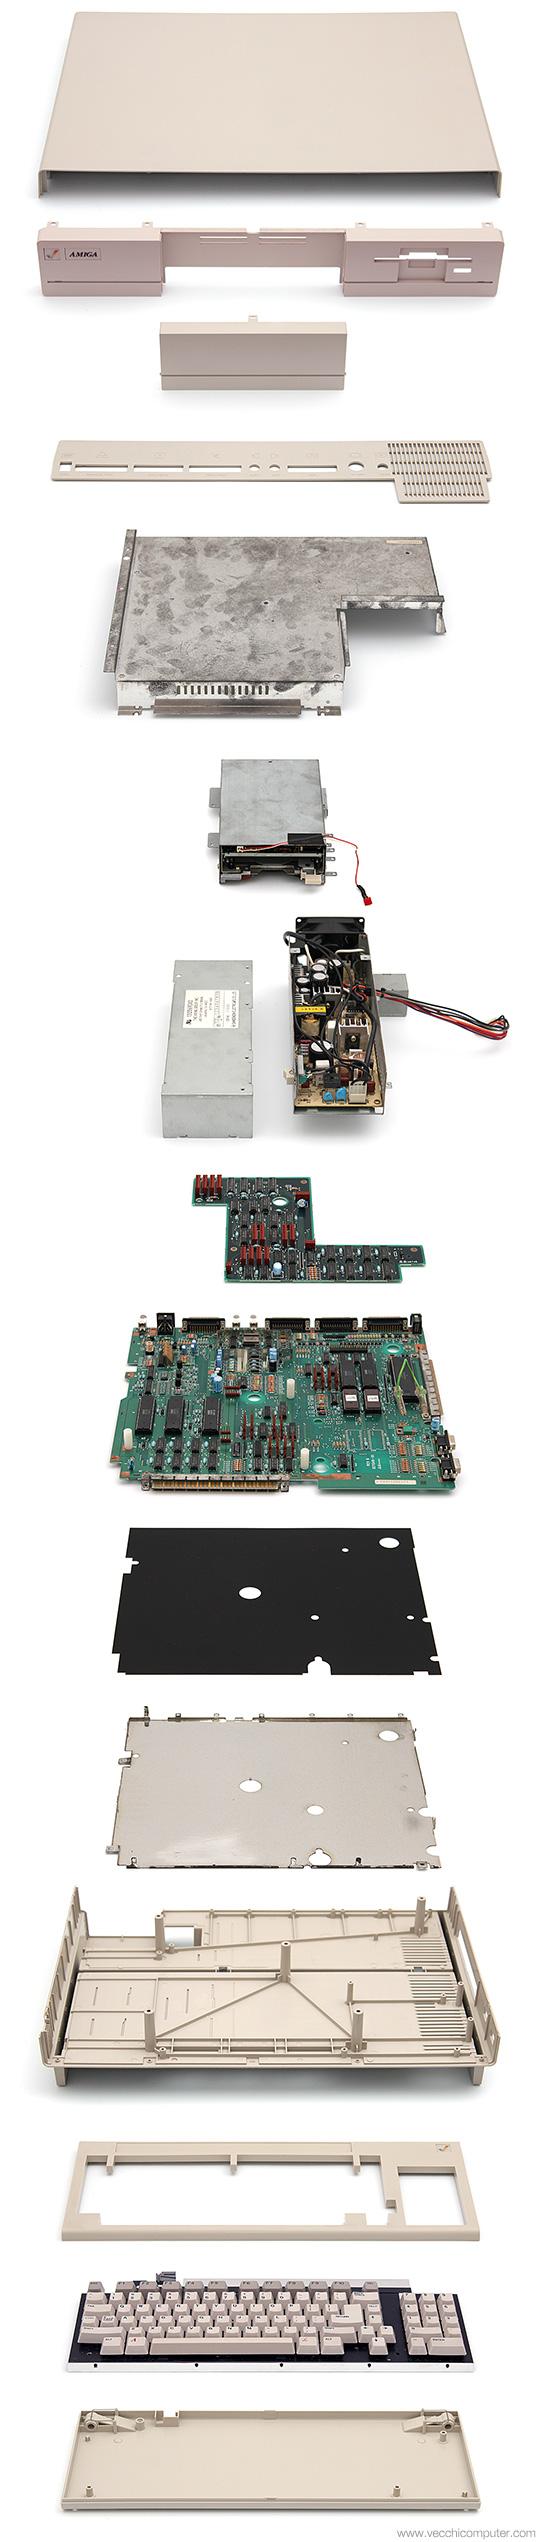 Commodore Amiga 1000 - Esploso